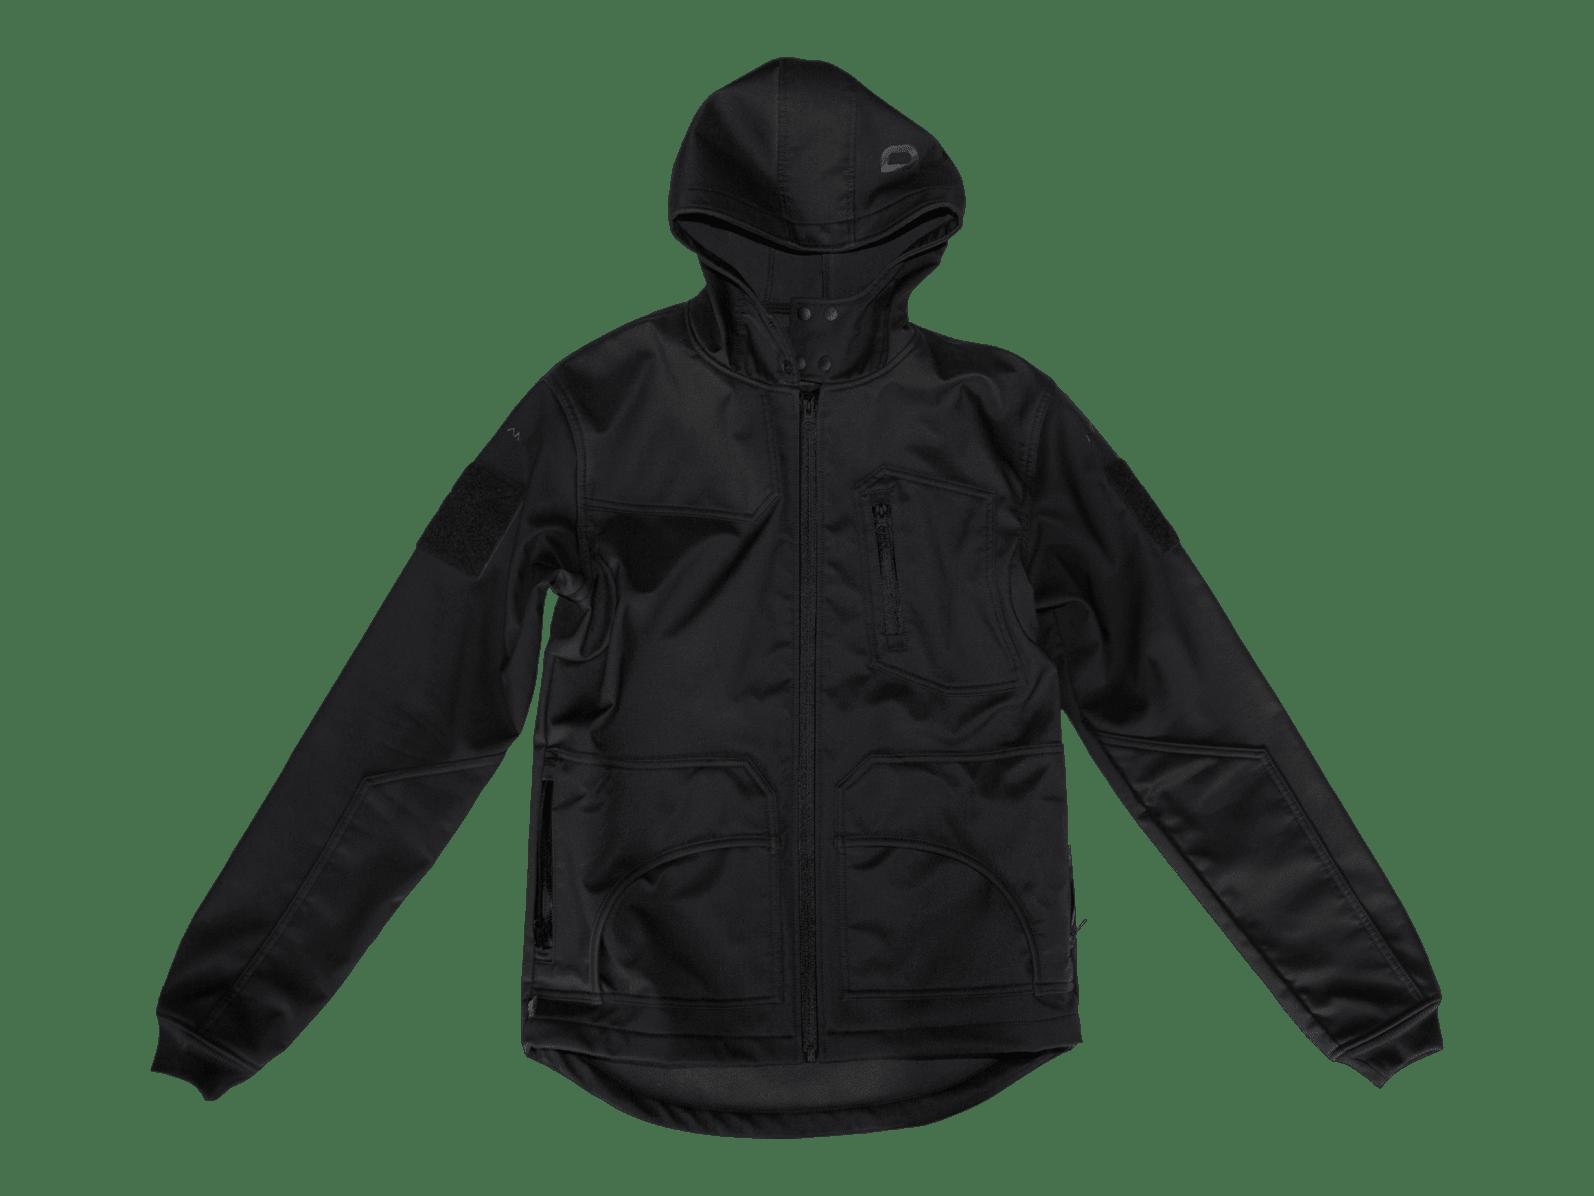 flak-jacket-gallery-01